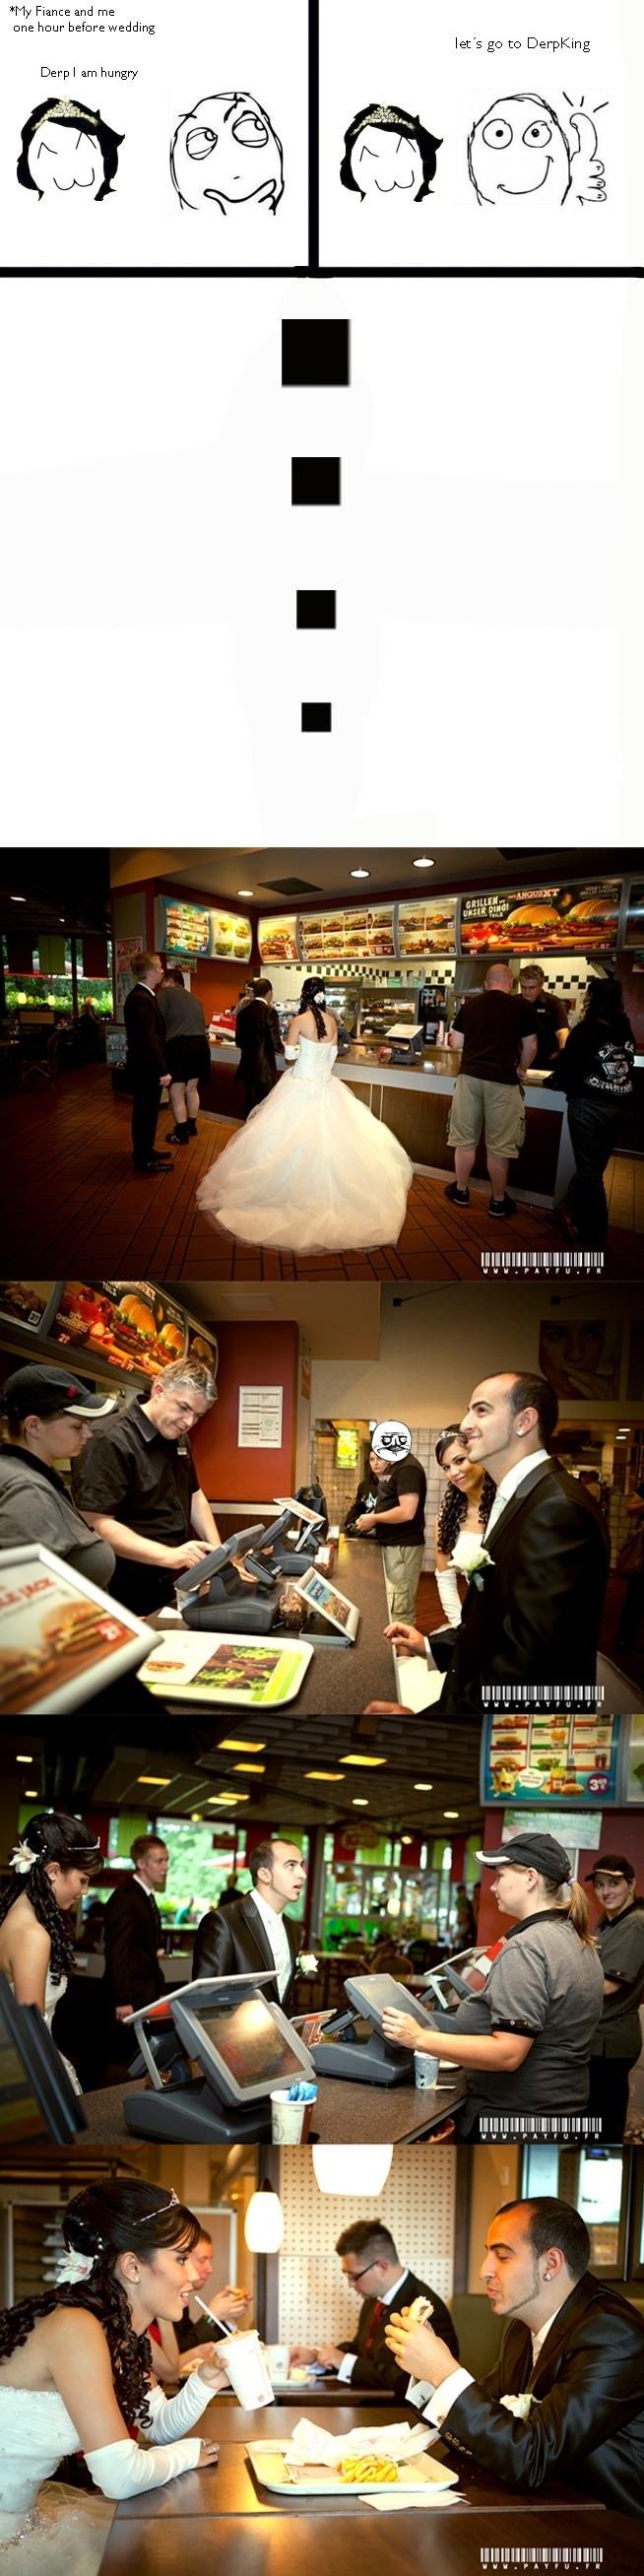 Burger King at wedding party